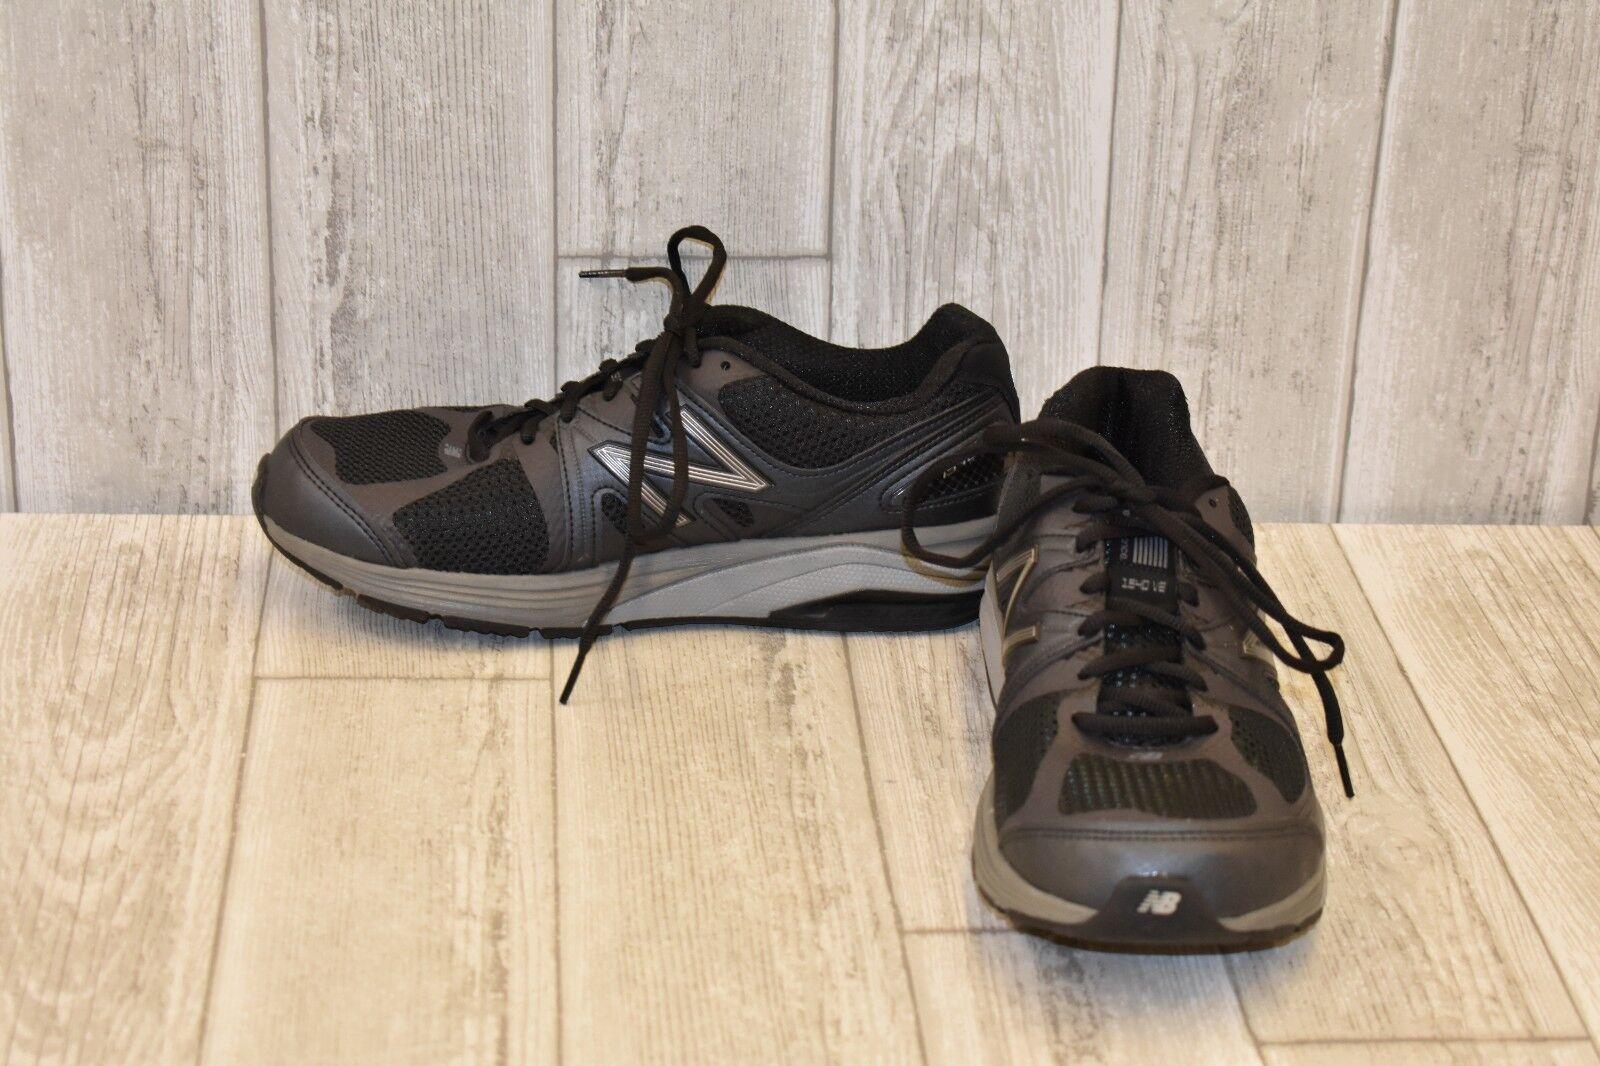 Adidas sequenza performance maschile supernova sequenza Adidas 9 m di scarpe da corsa scegliere sz / colore c8298e